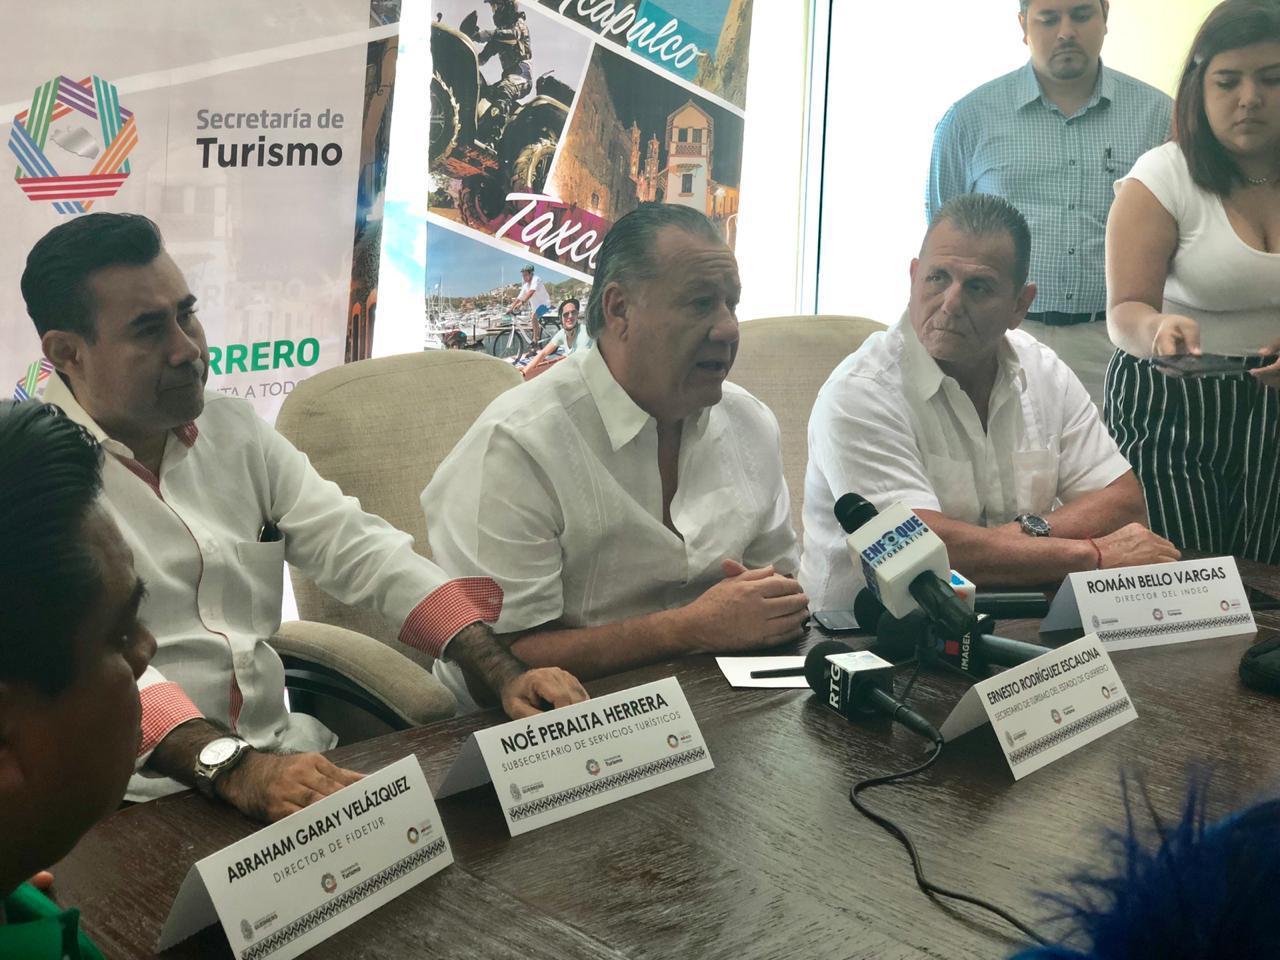 Más de dos mil deportistas se darán cita en la Carrera Imagen Tianguis Turístico, da a conocer Rodríguez Escalona.